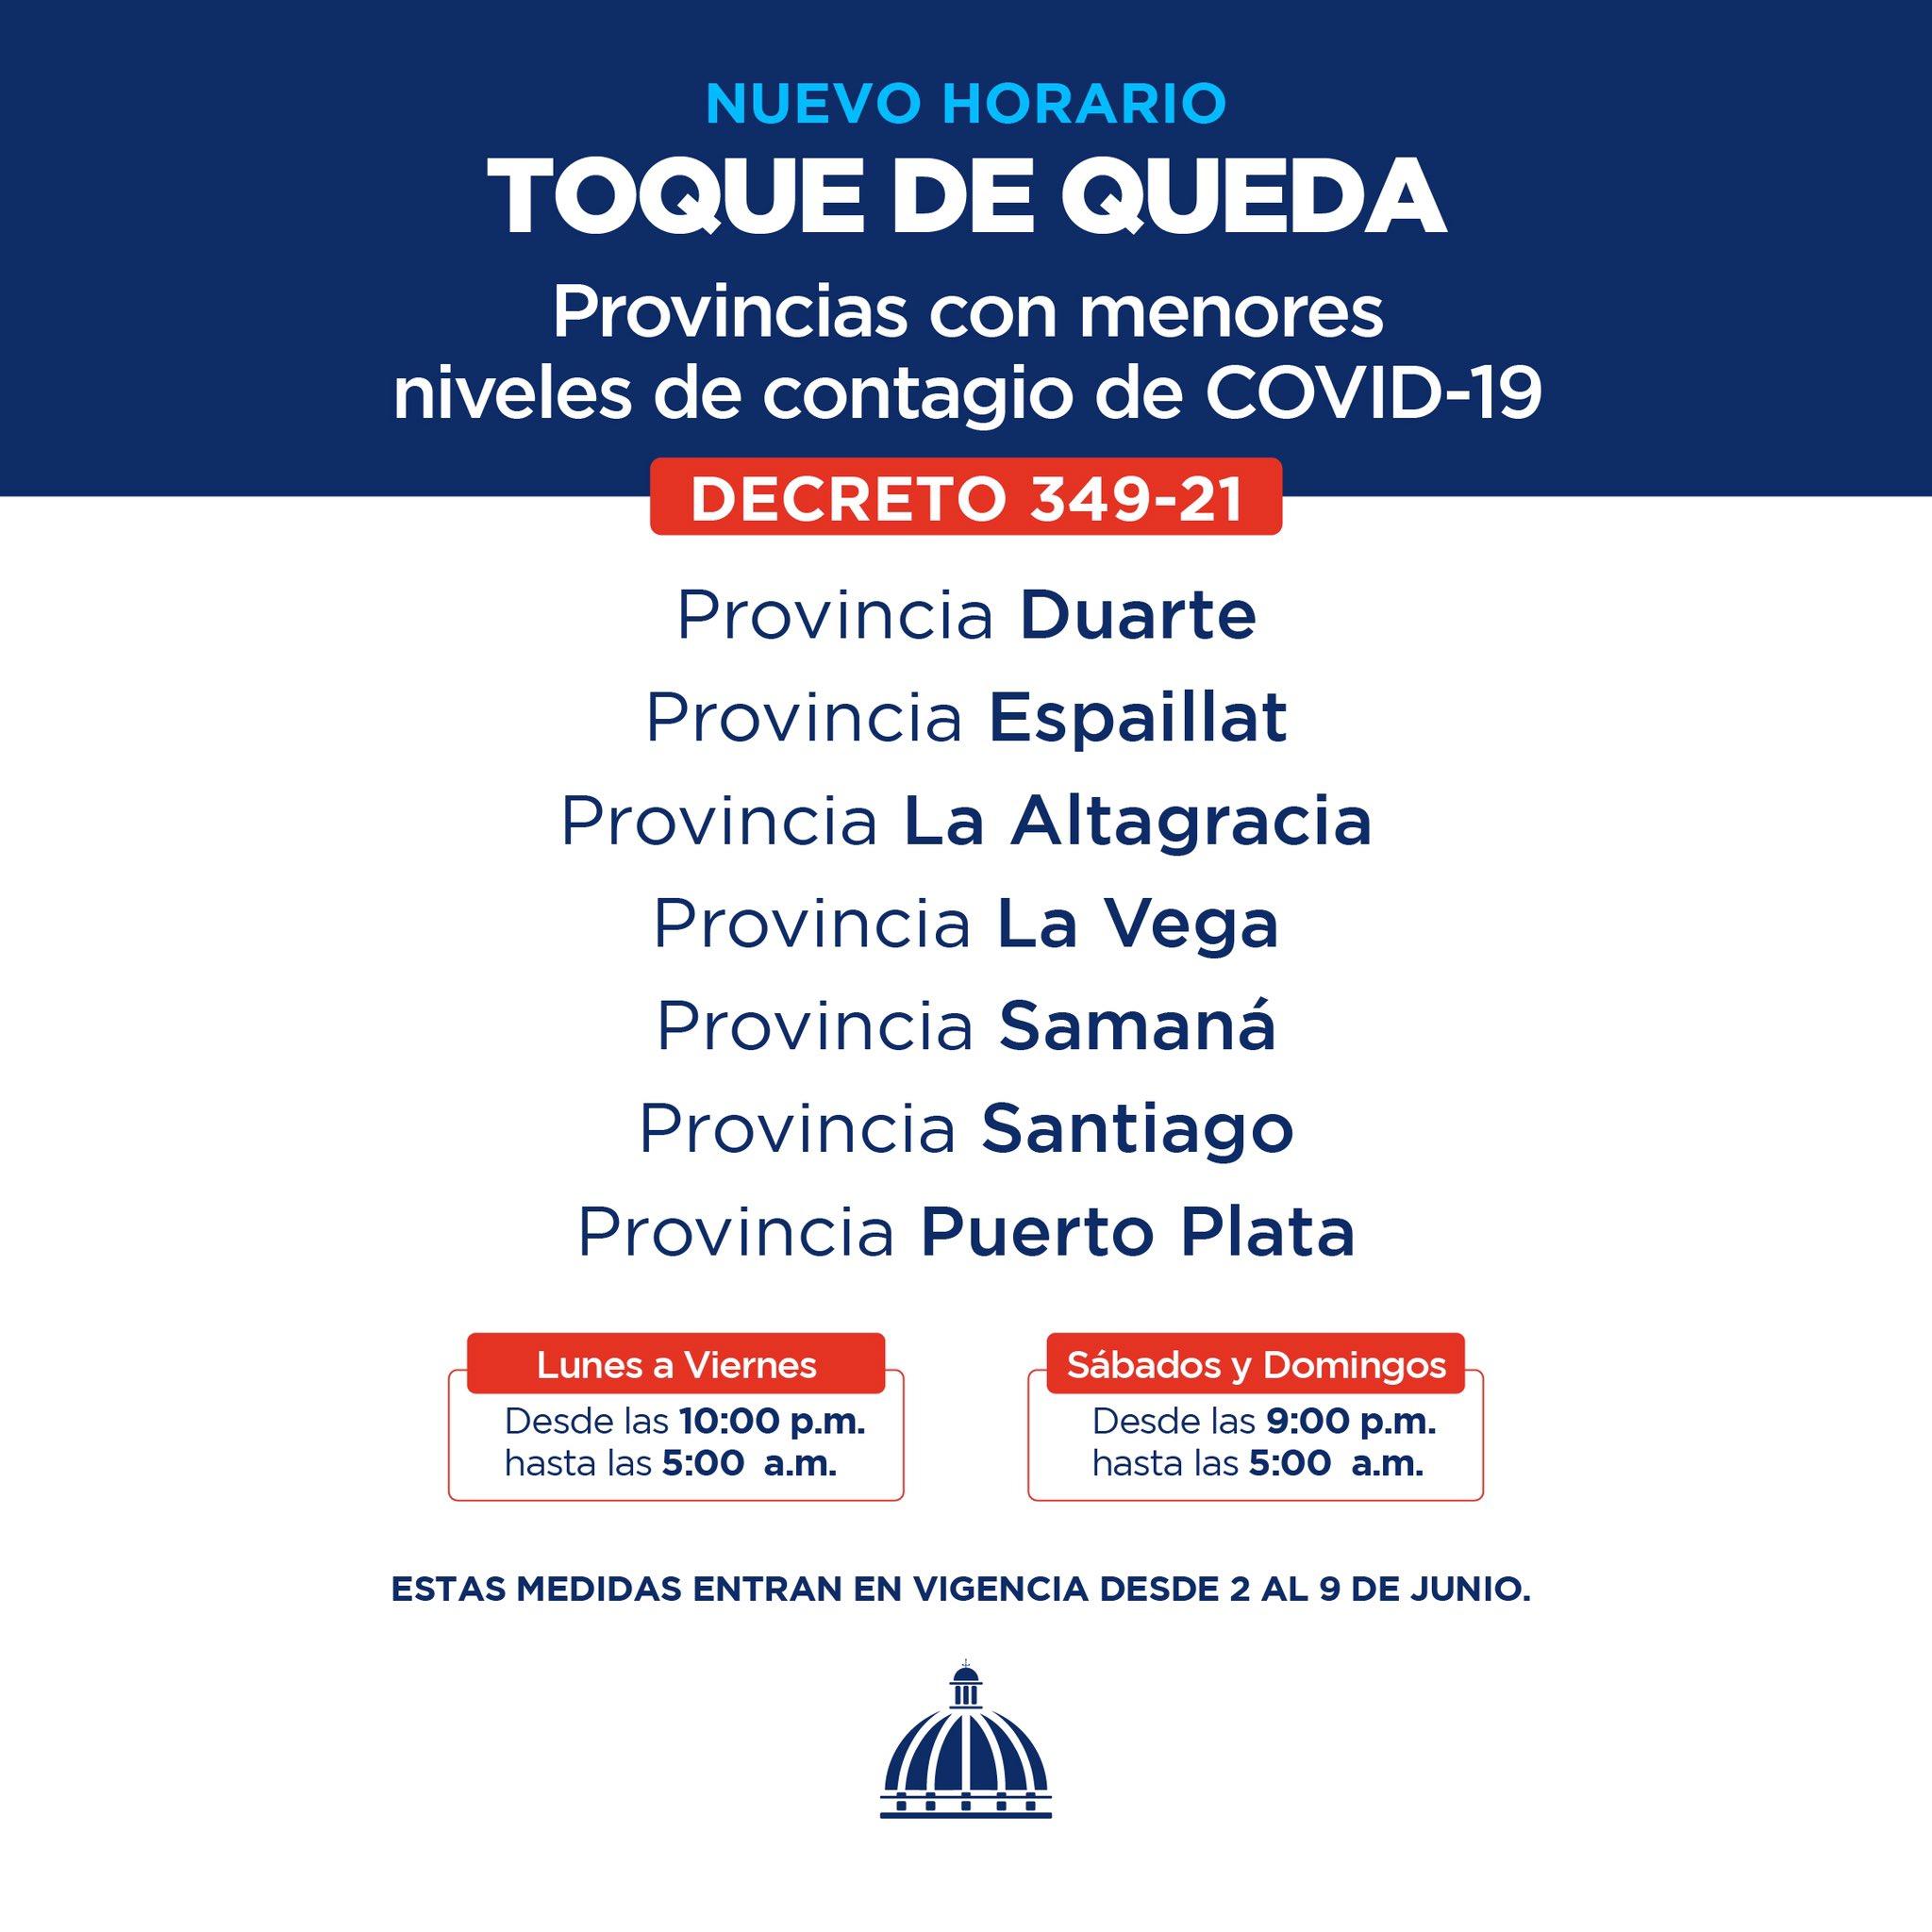 Mayoria Zonas Turisticas No Modifican Horarios Toque De Queda Sigue Prohibidas Fiestas Y Shows Online Punta Cana Bavaro